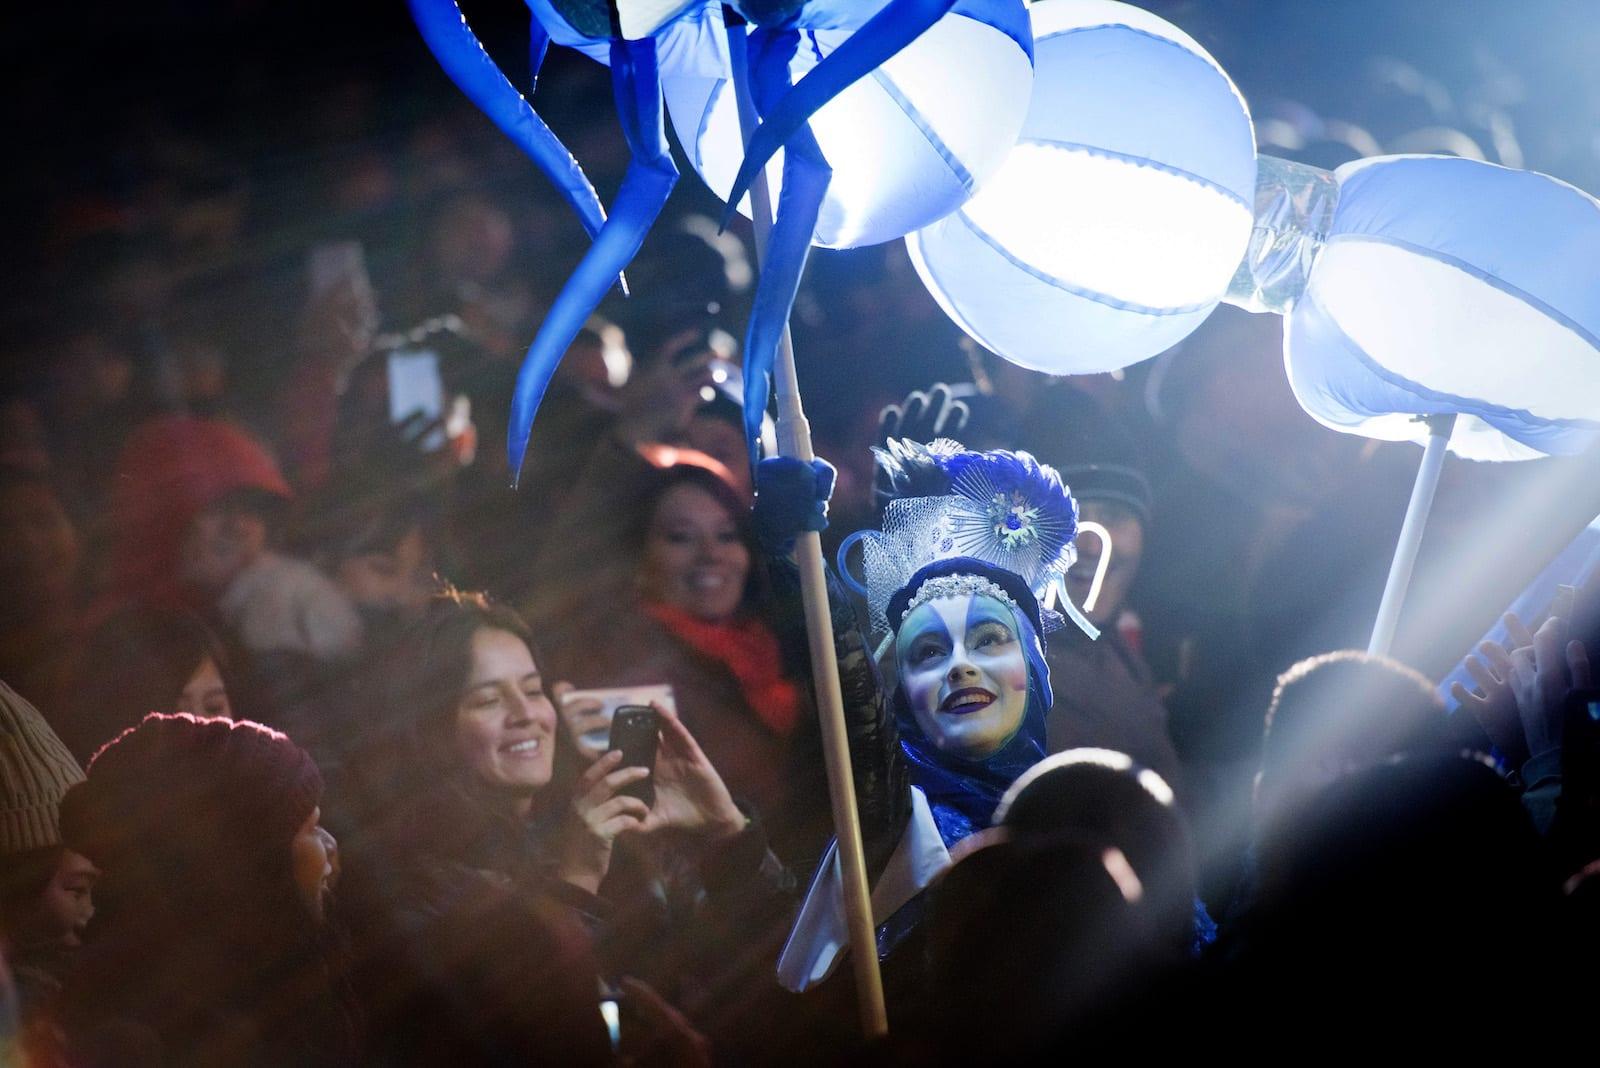 Creativiva -Illuminite toronto lantern performer